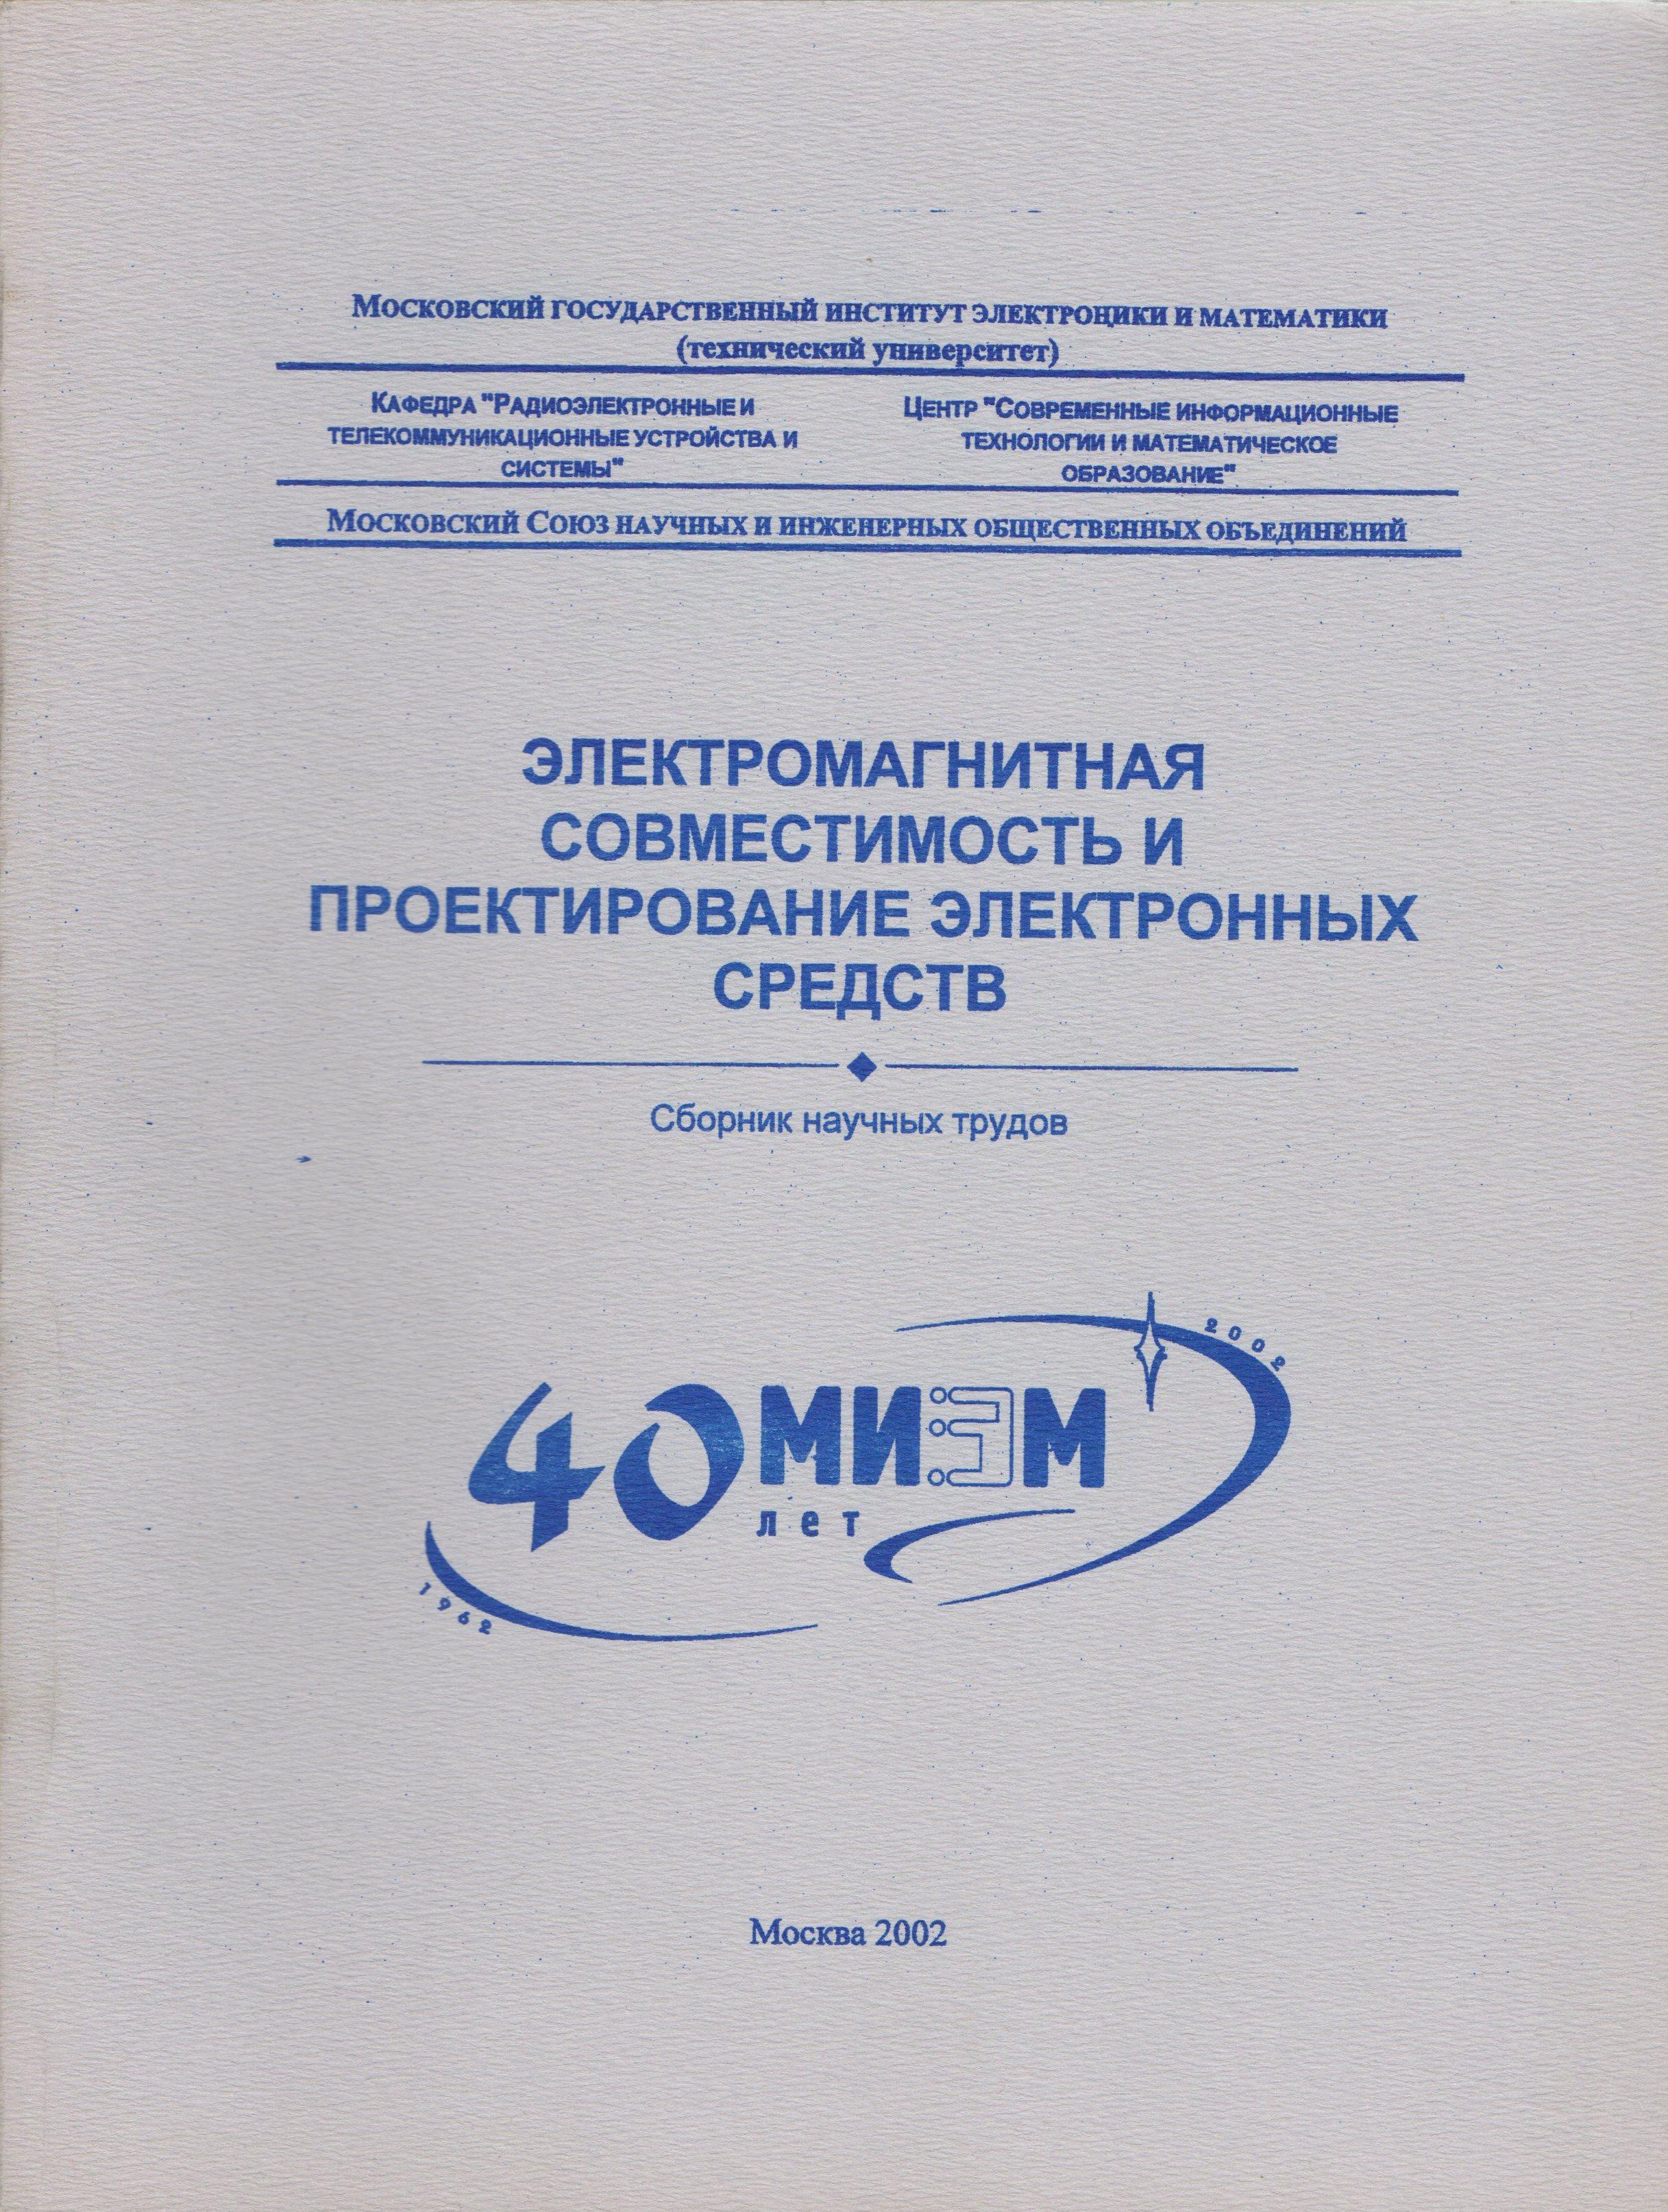 Электромагнитная совместимость и проектирование электронных средств